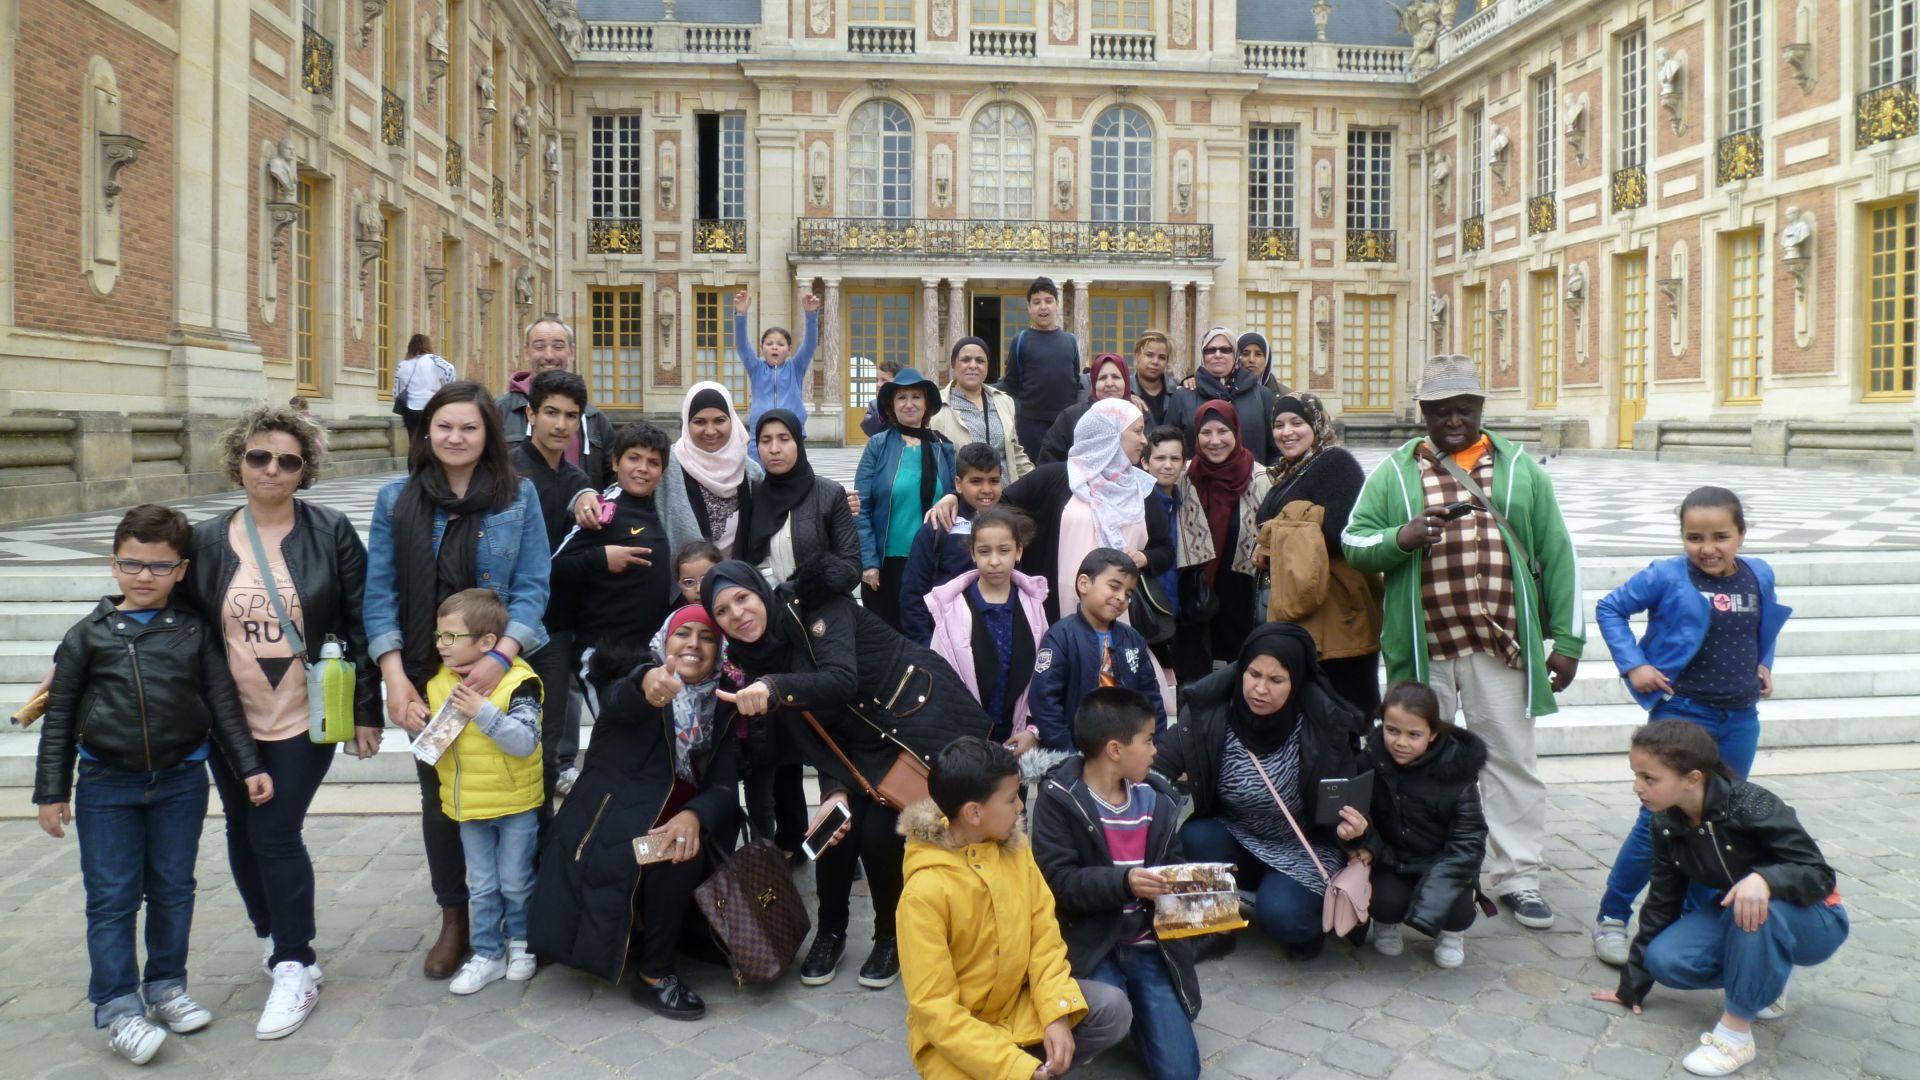 Visite du château de Versailles par les centres sociaux de Trappes